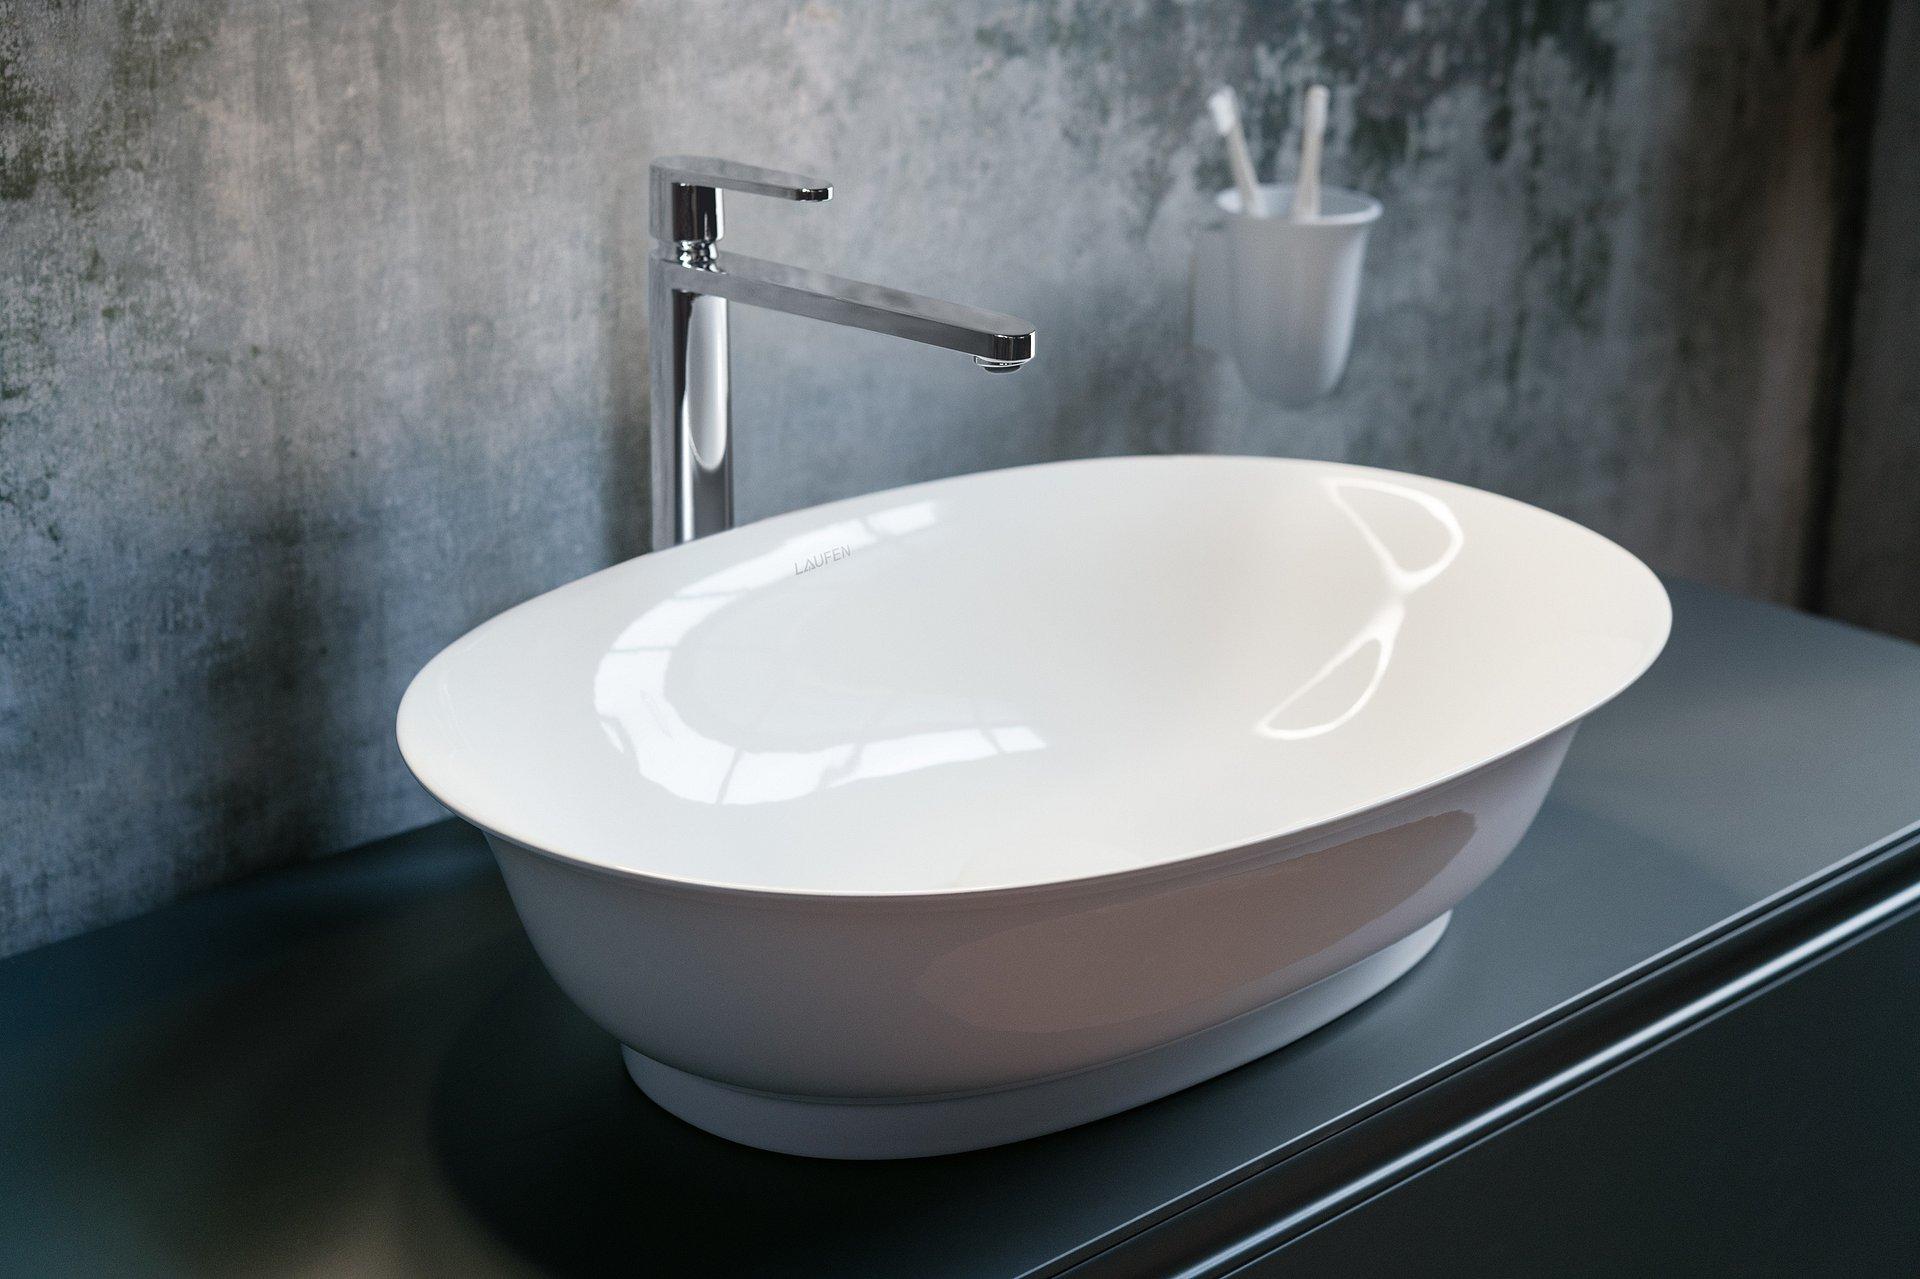 Saphirkeramik®–plastyczna i ekologiczna ceramika nowej generacji, tylko w marce Laufen.